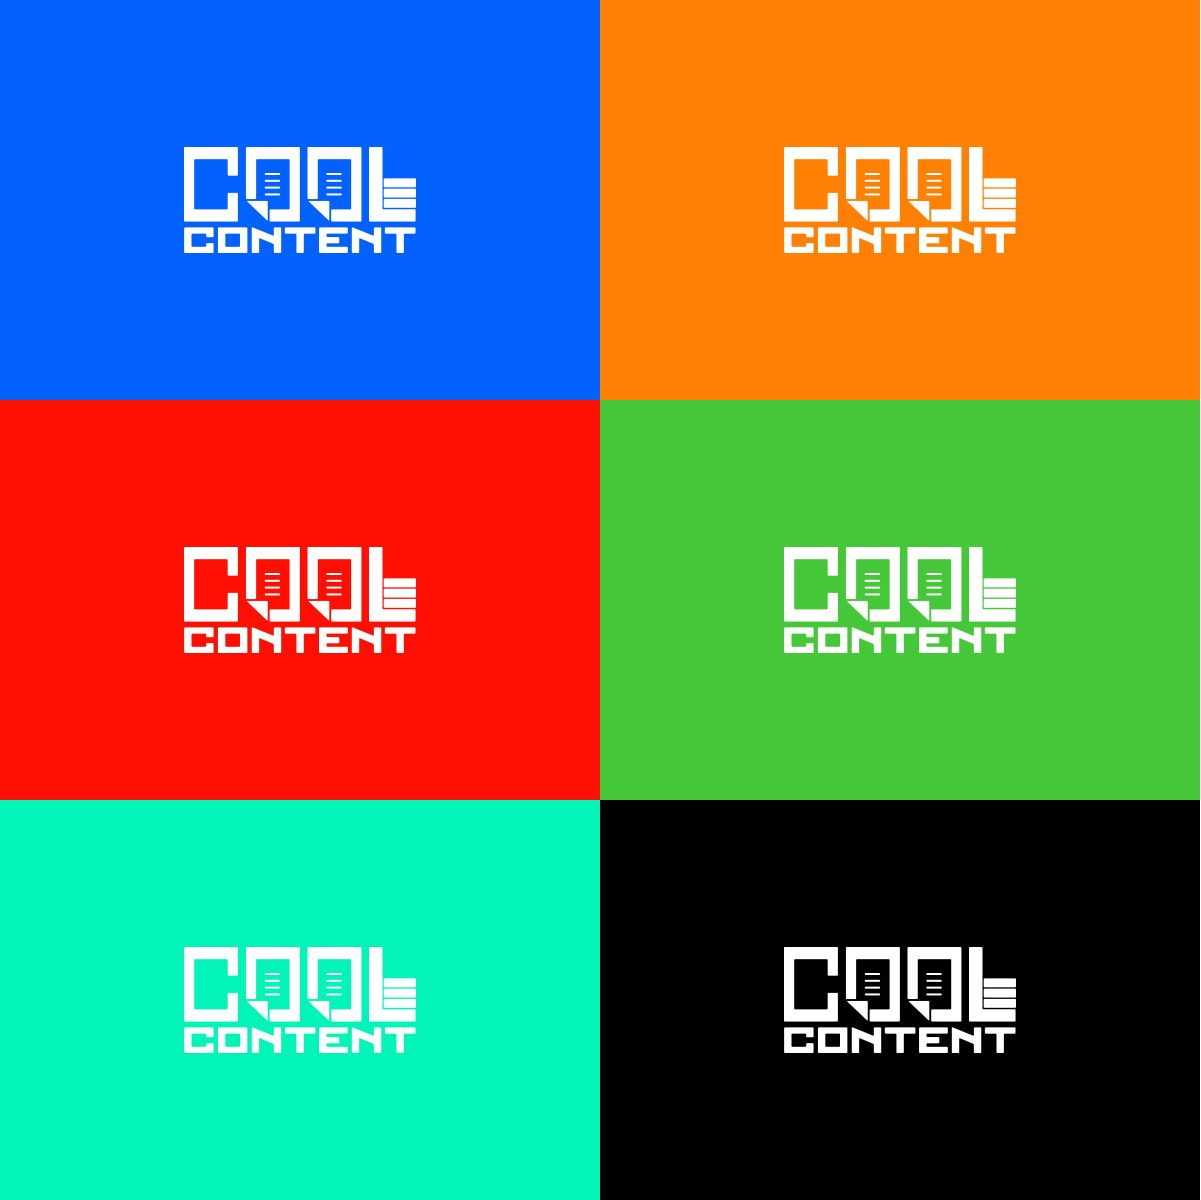 Лого для агентства Cool Content - дизайнер U4po4mak